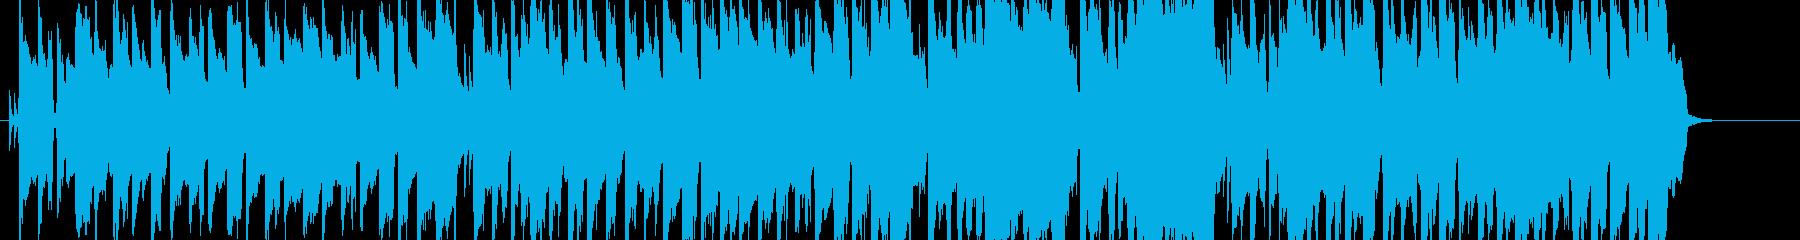 小学校の音楽室から聞こえてくるような演奏の再生済みの波形